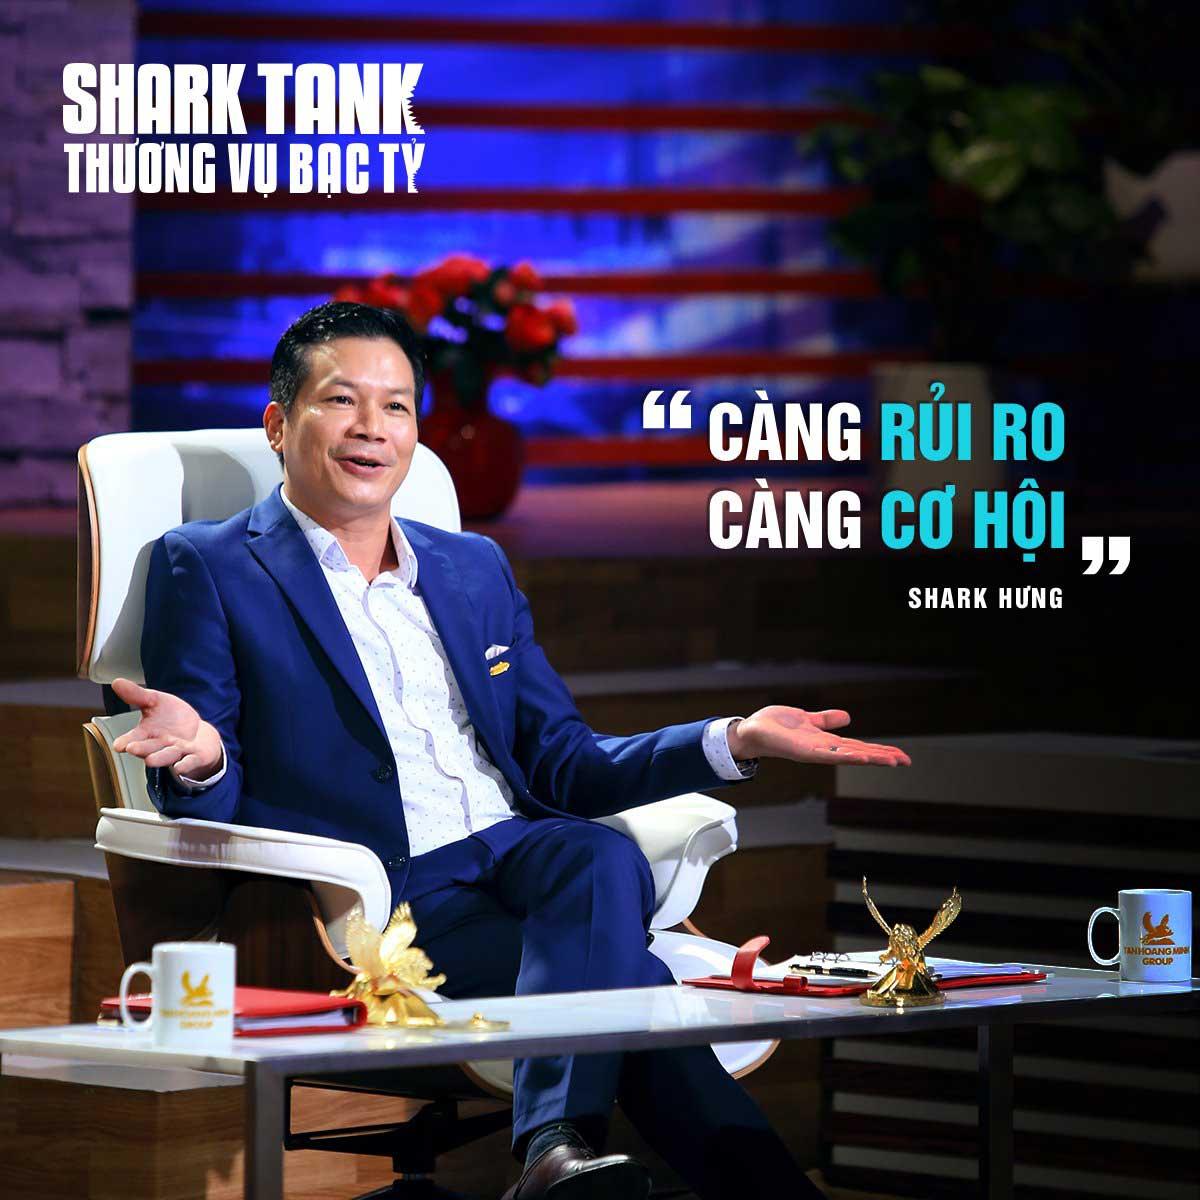 Phạm Thanh Hưng cang rui ro cang co hoi - SHARK PHẠM THANH HƯNG LÀ AI? CON ĐƯỜNG THÀNH CÔNG CỦA PHẠM THANH HƯNG